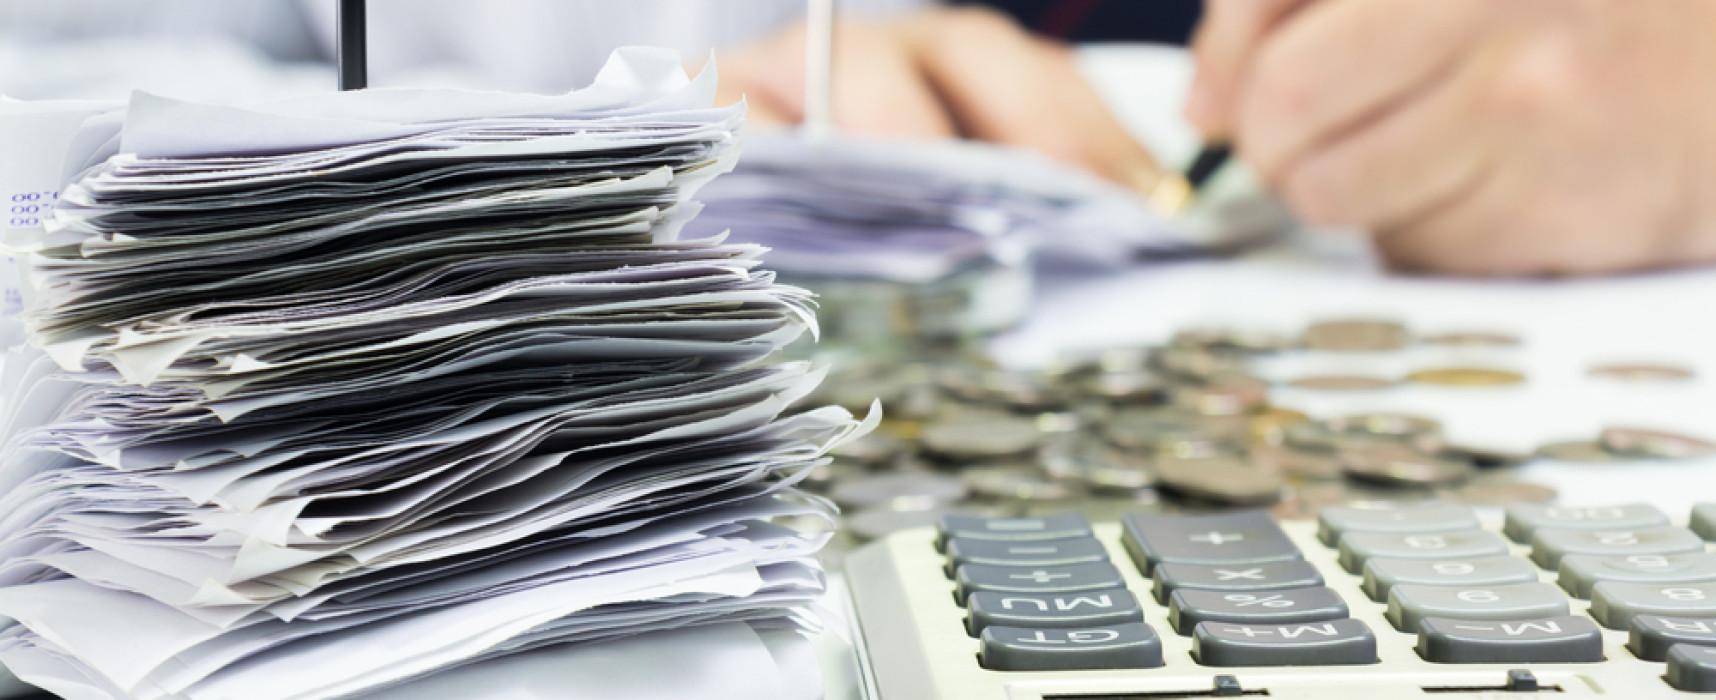 Риски при оформлении работнику справки по форме 2-НДФЛ для получения кредита с завышенной зарплатой